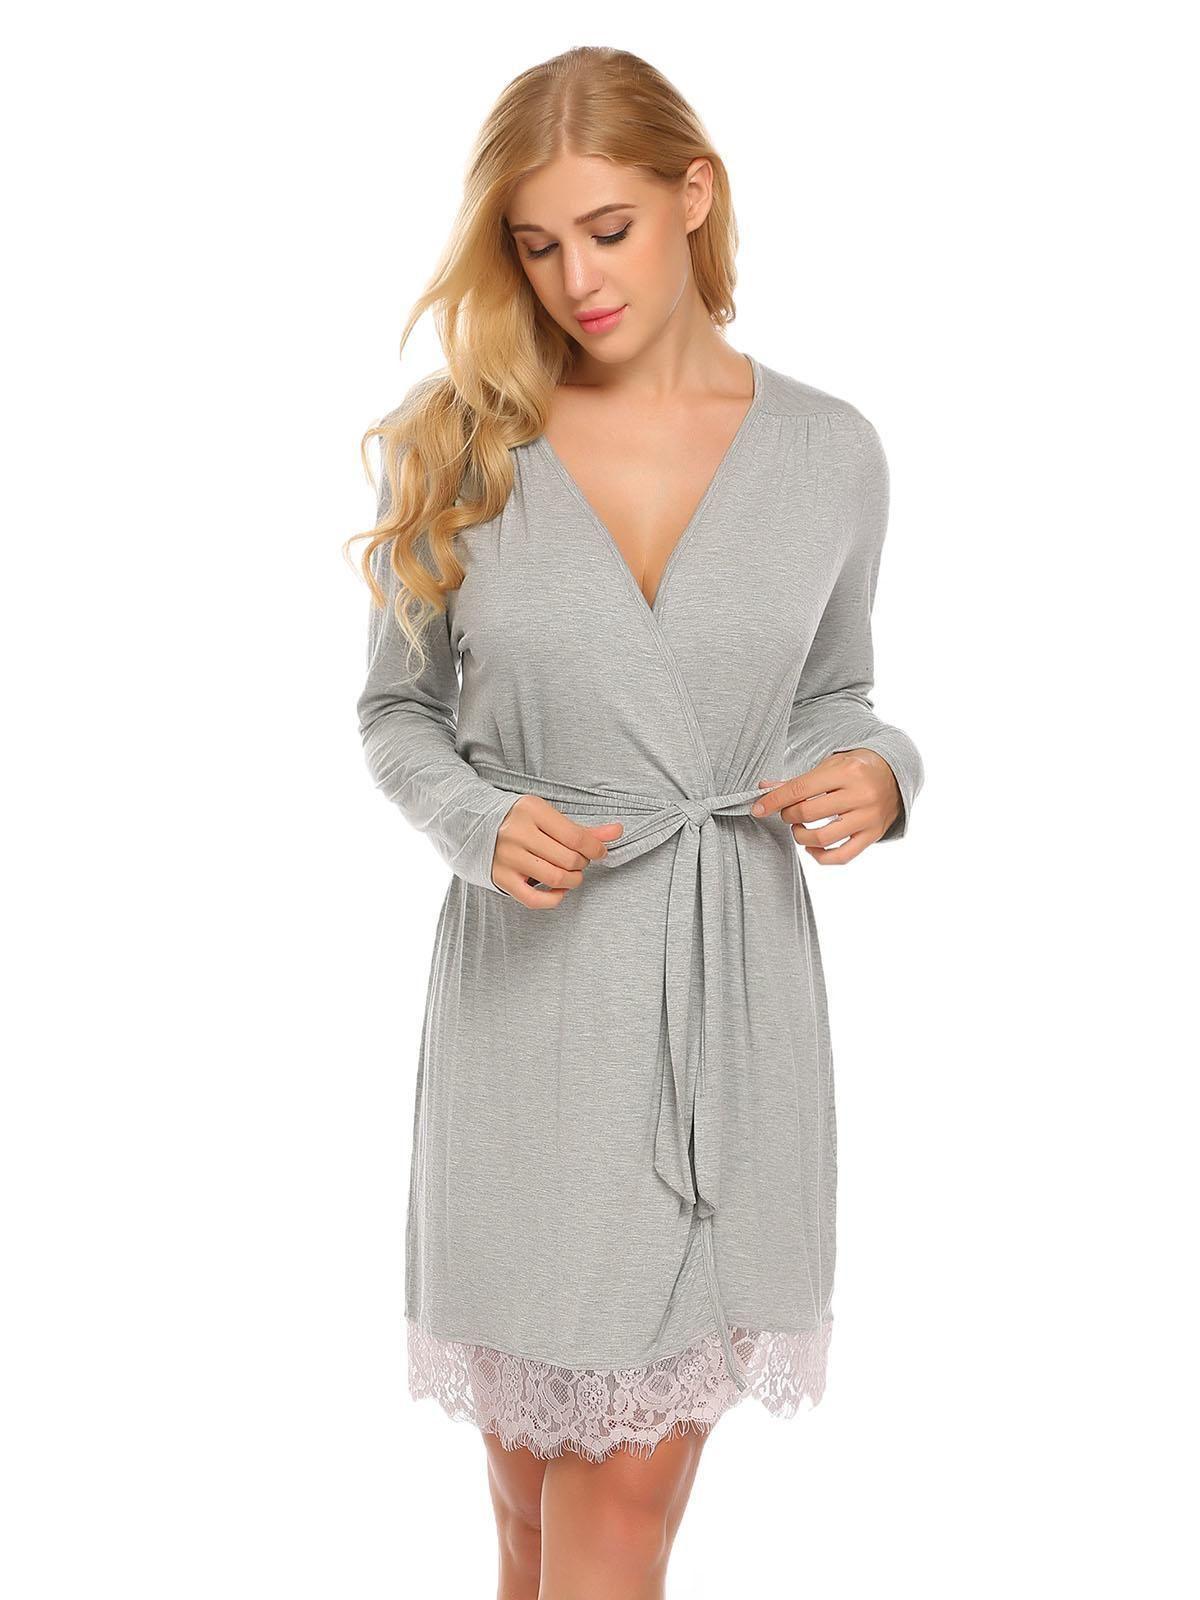 94ec3c840a Gray Women Lace-trimmed Long Sleeve Sleepwear Robe with Belt ...